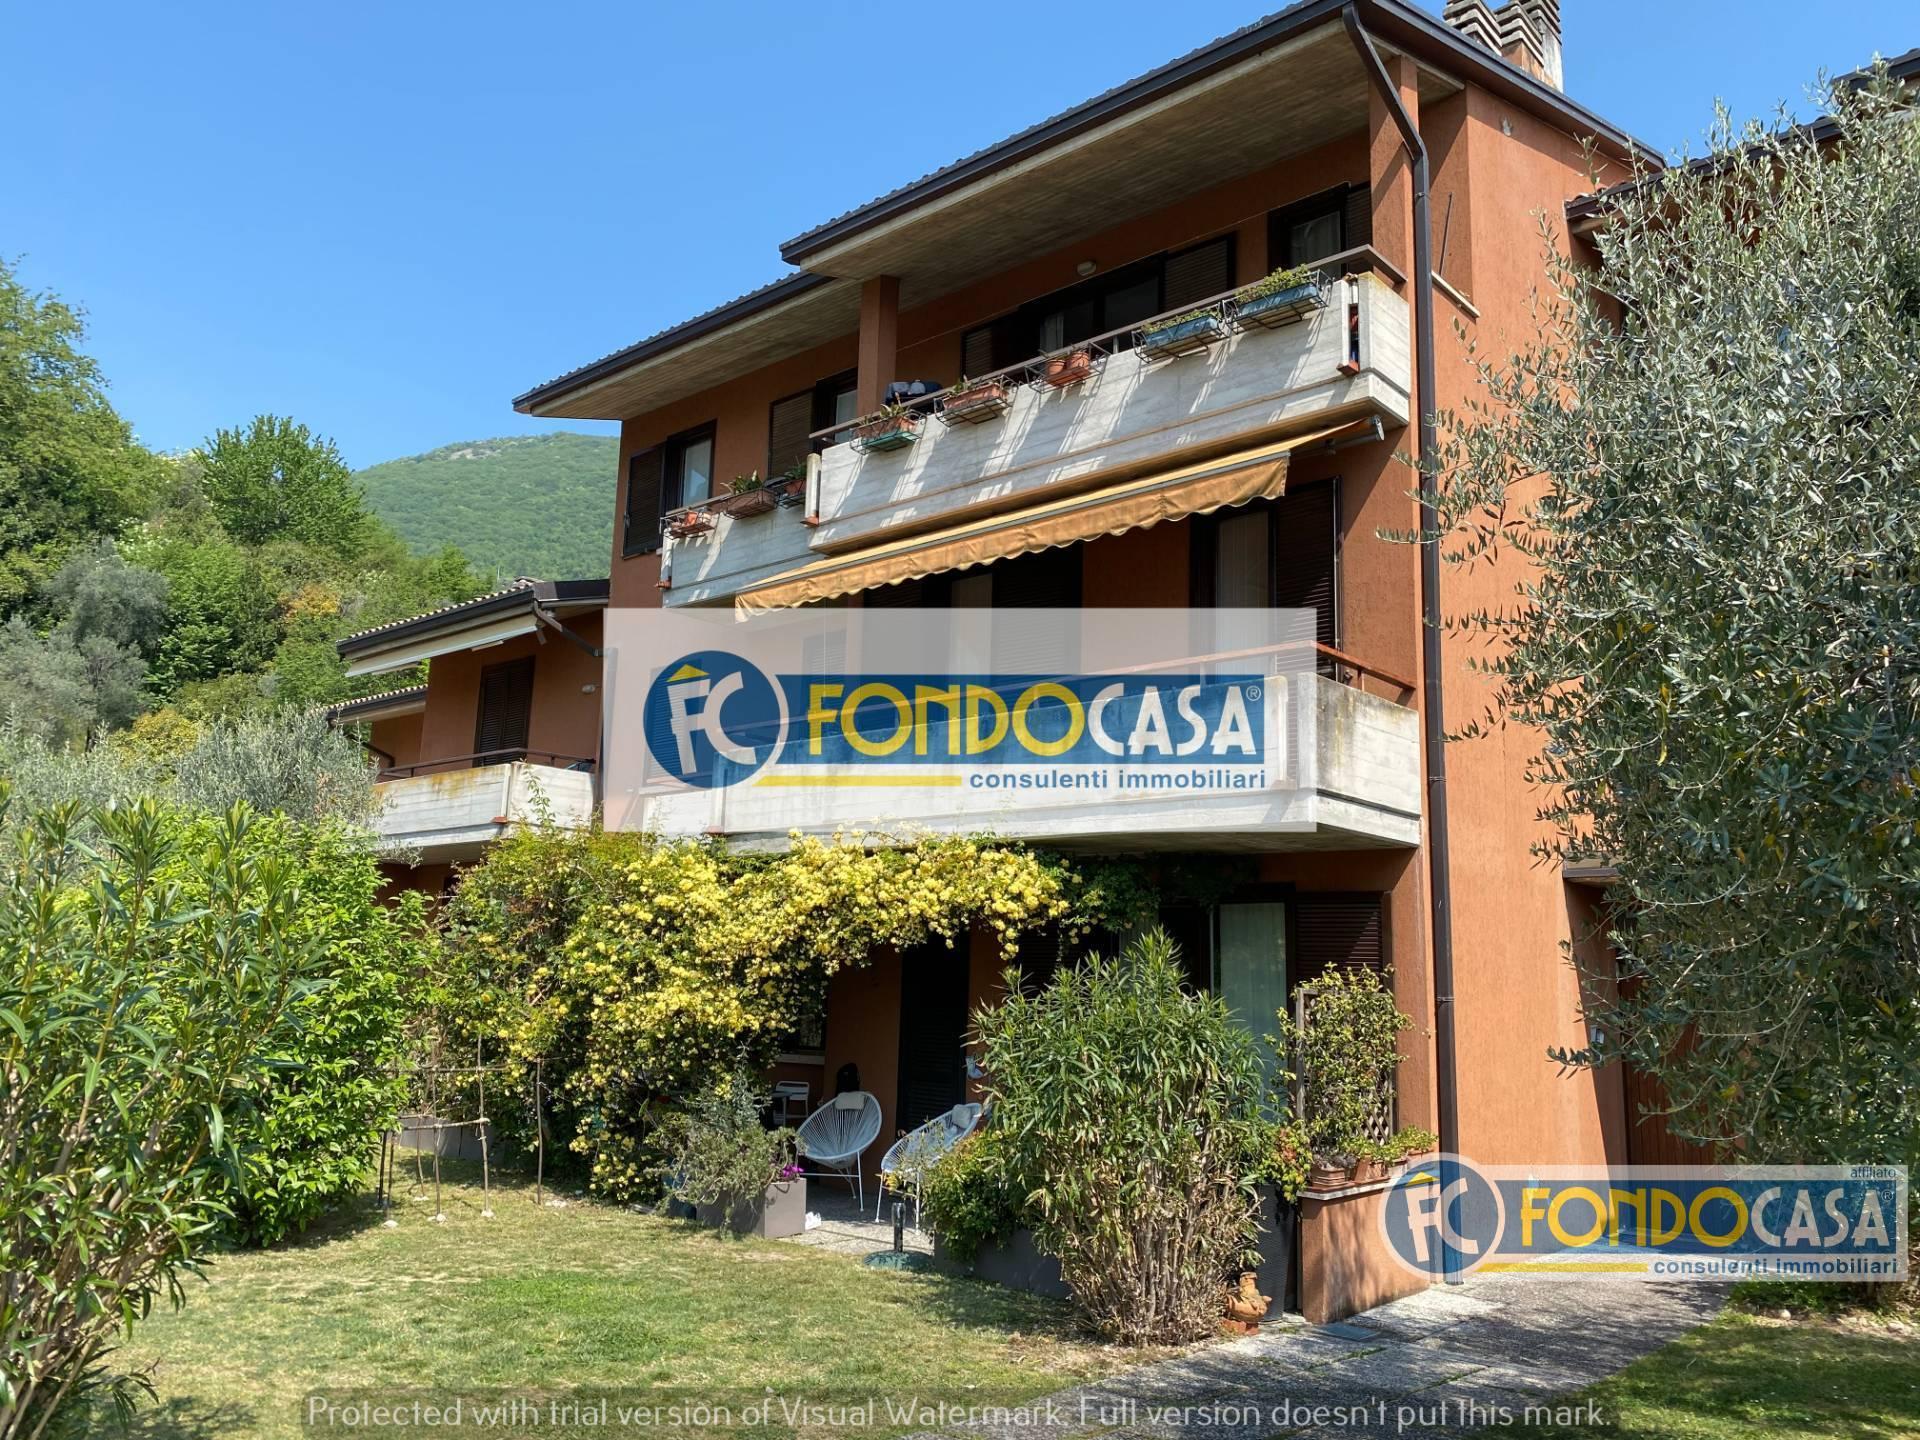 Appartamento in vendita a Gardone Riviera, 5 locali, prezzo € 335.000 | PortaleAgenzieImmobiliari.it